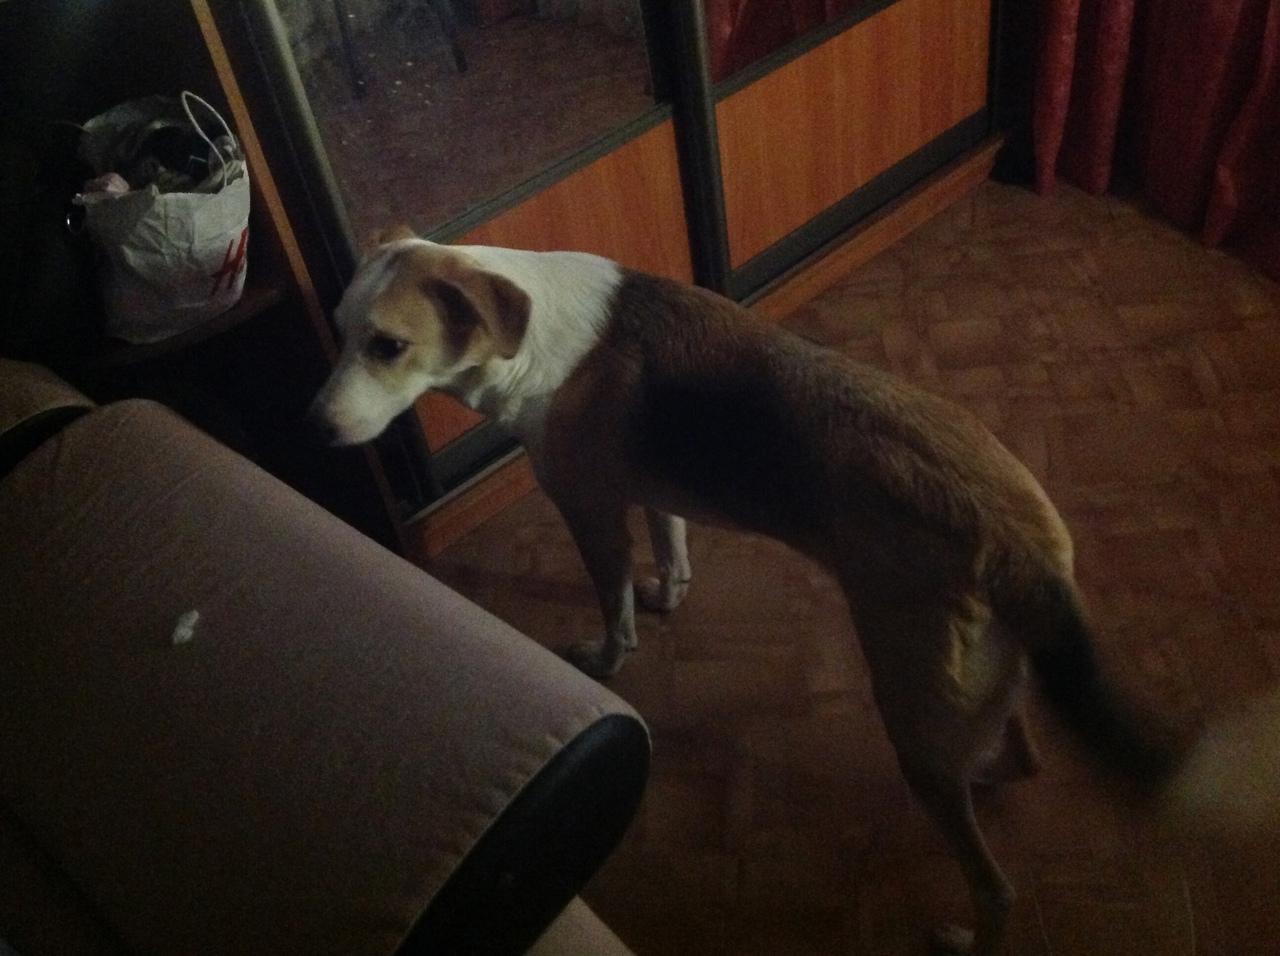 Собака выбежала из квартиры, если кто-то увидит,